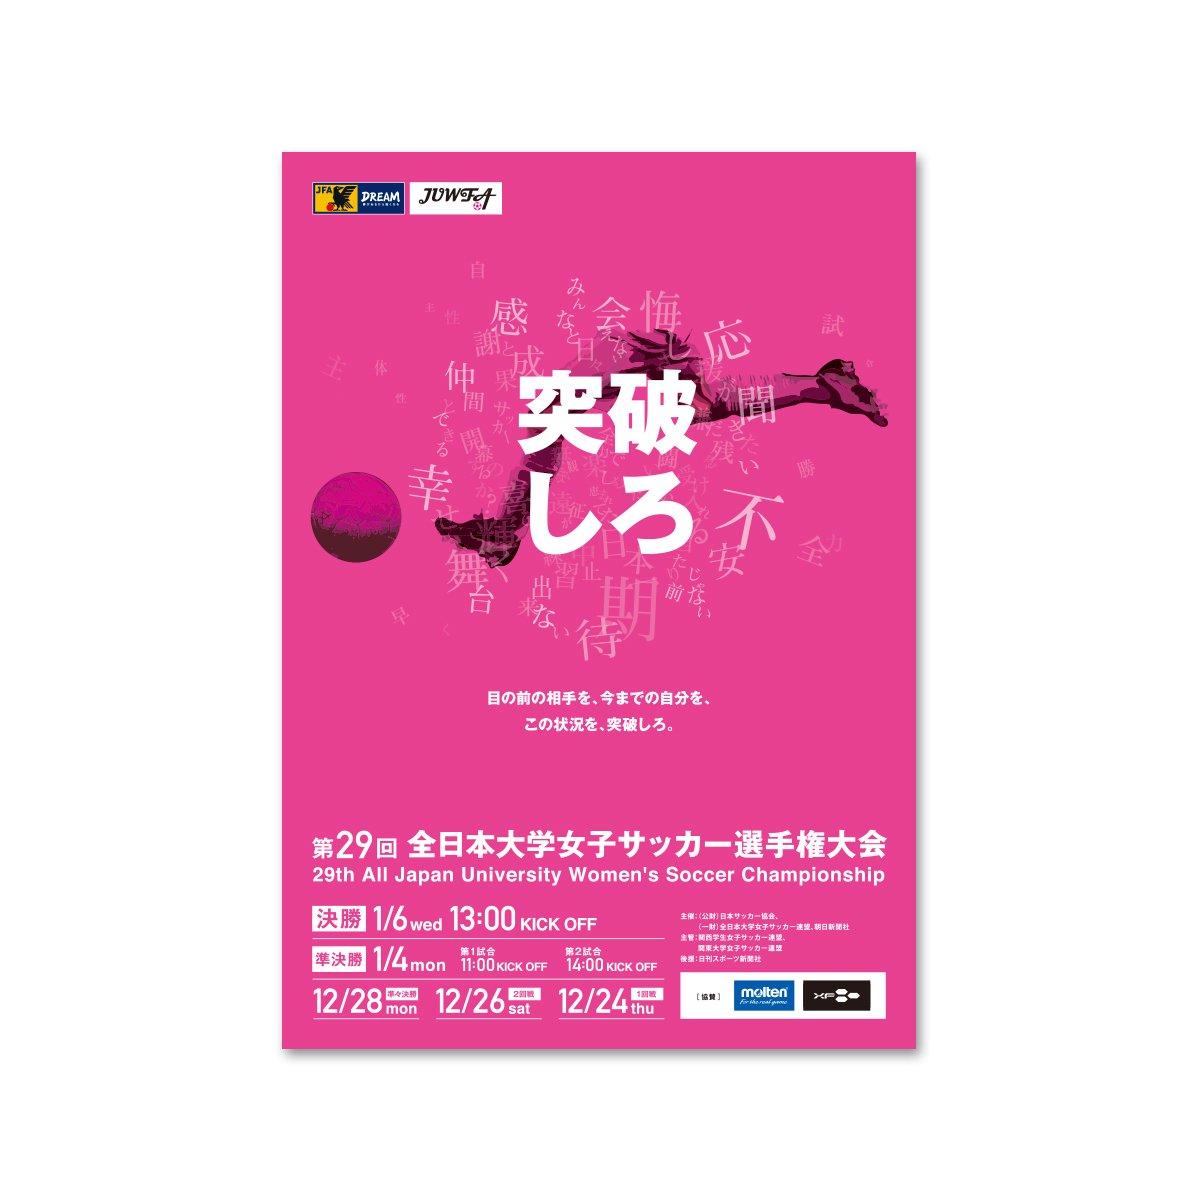 第29回全日本大学女子サッカー選手権大会 オフィシャルプログラム